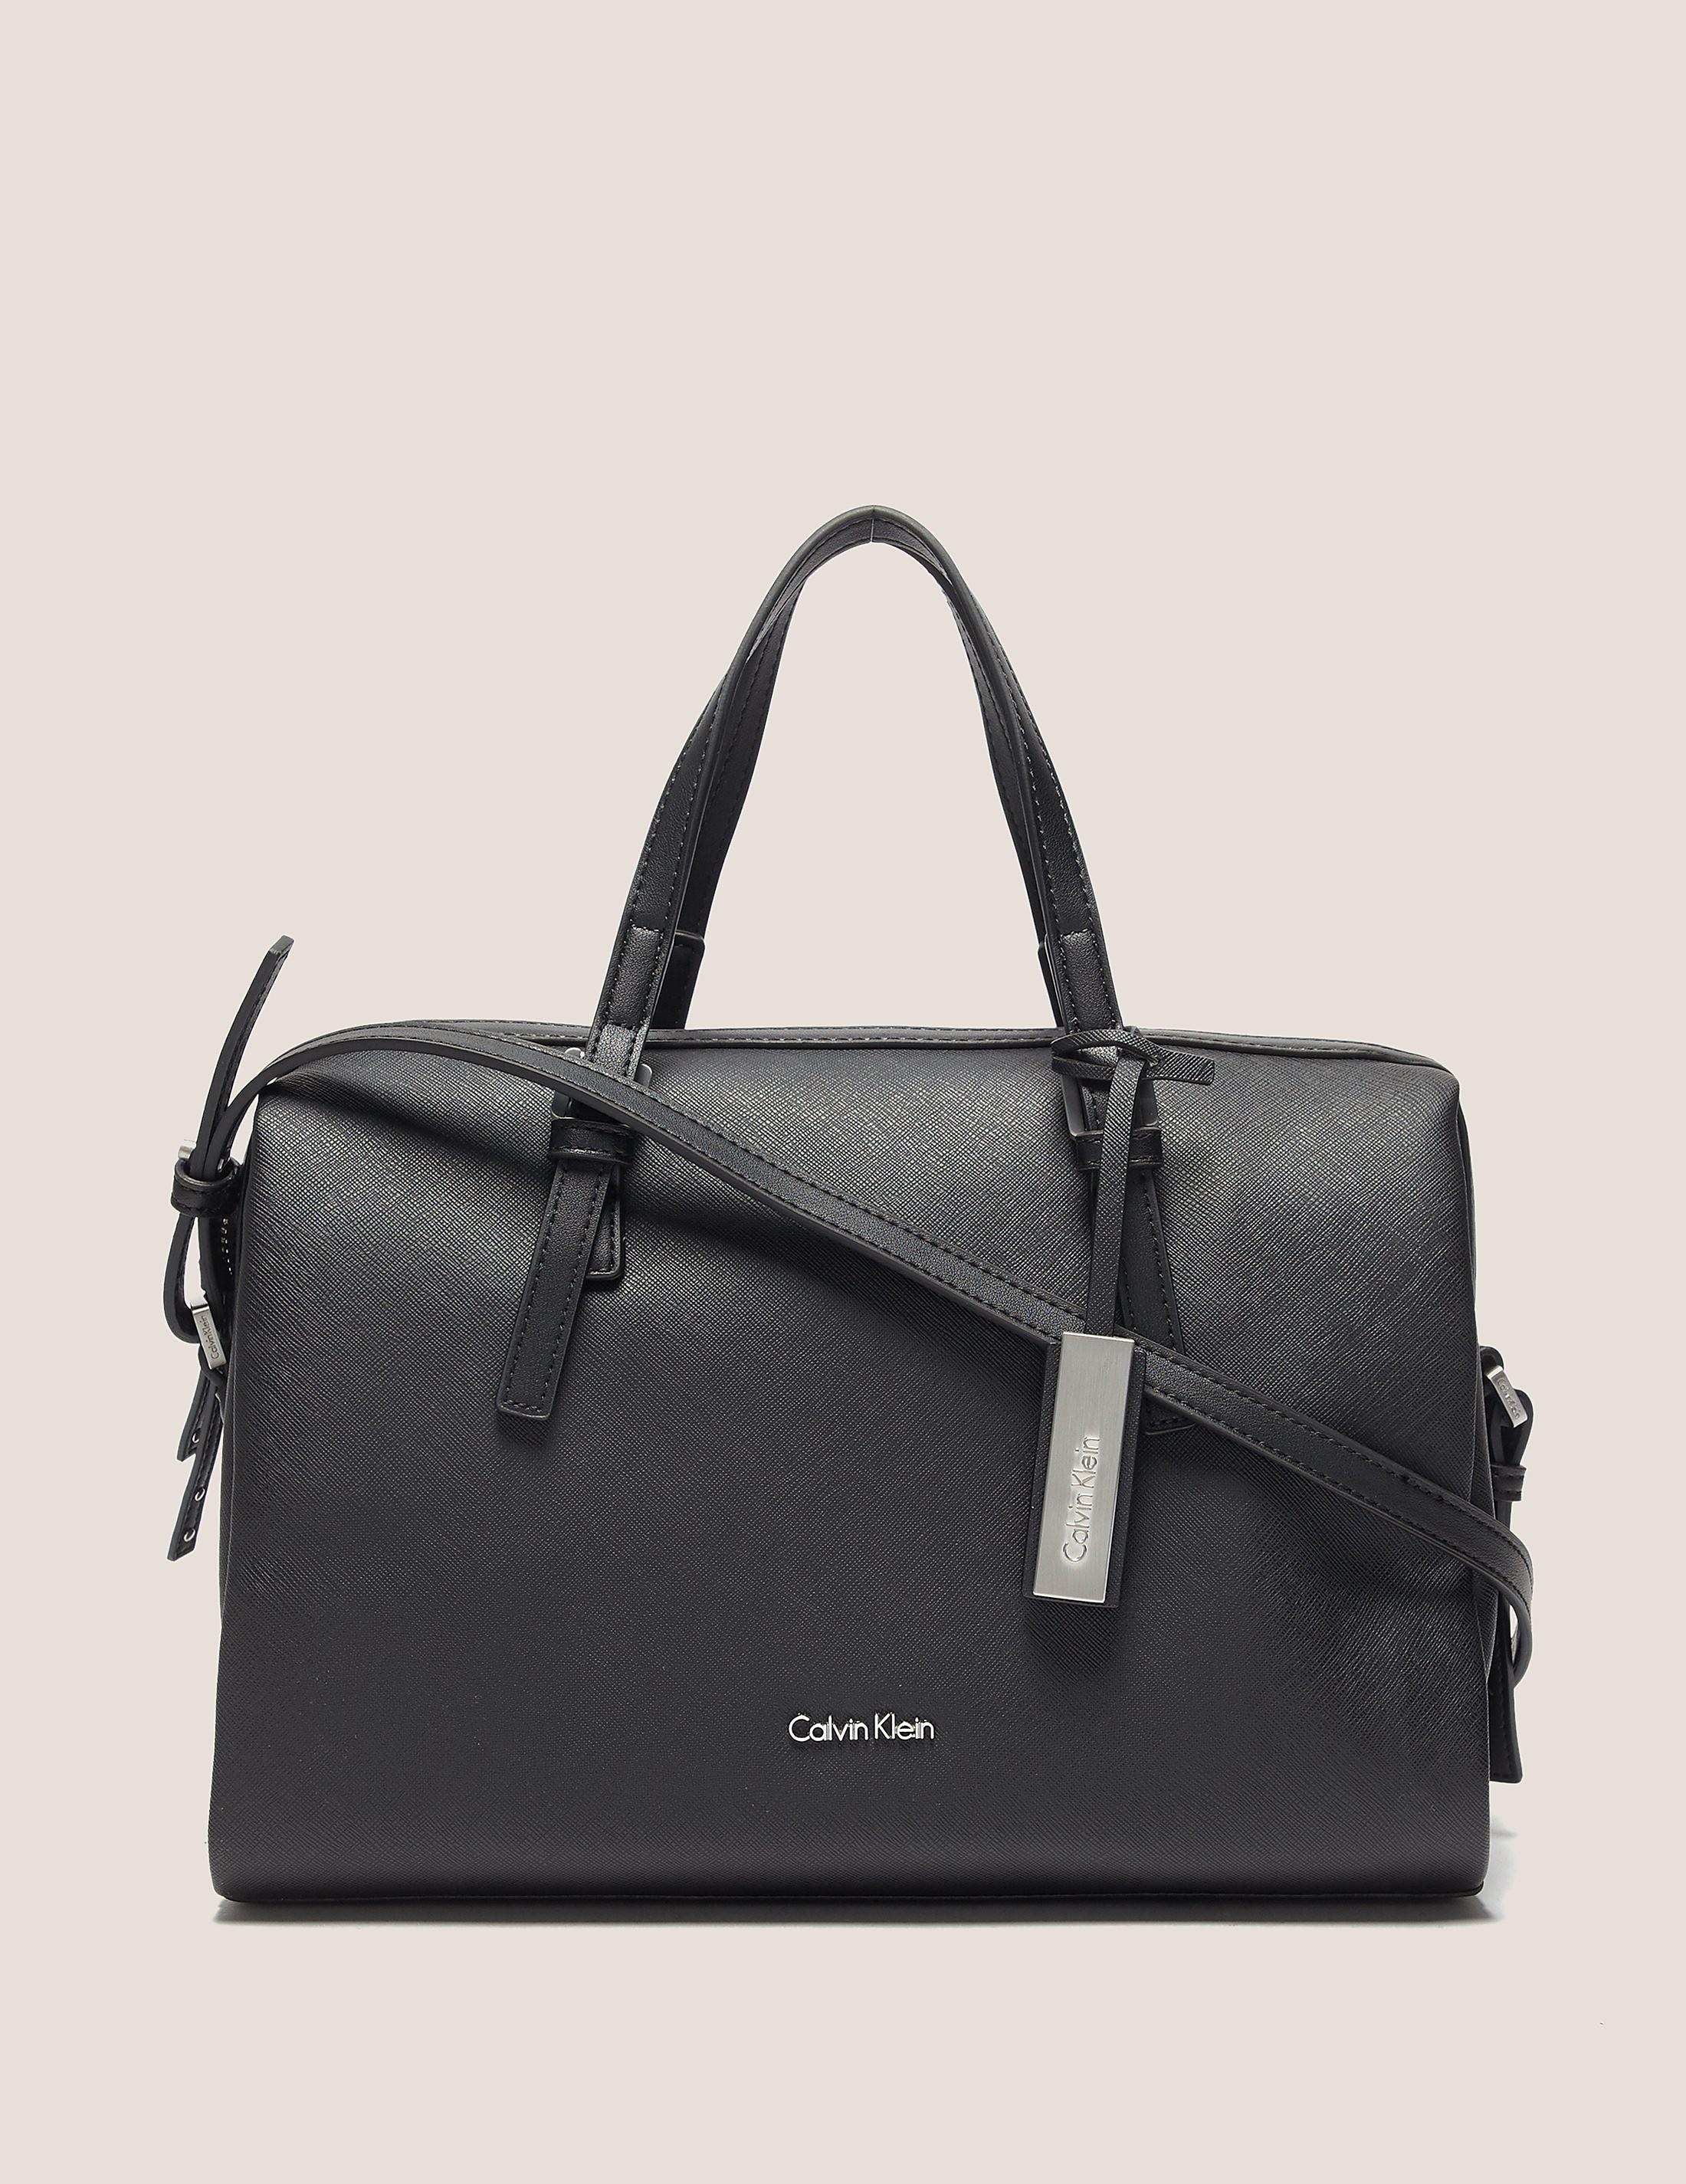 Calvin Klein Marissa Duffle Bag